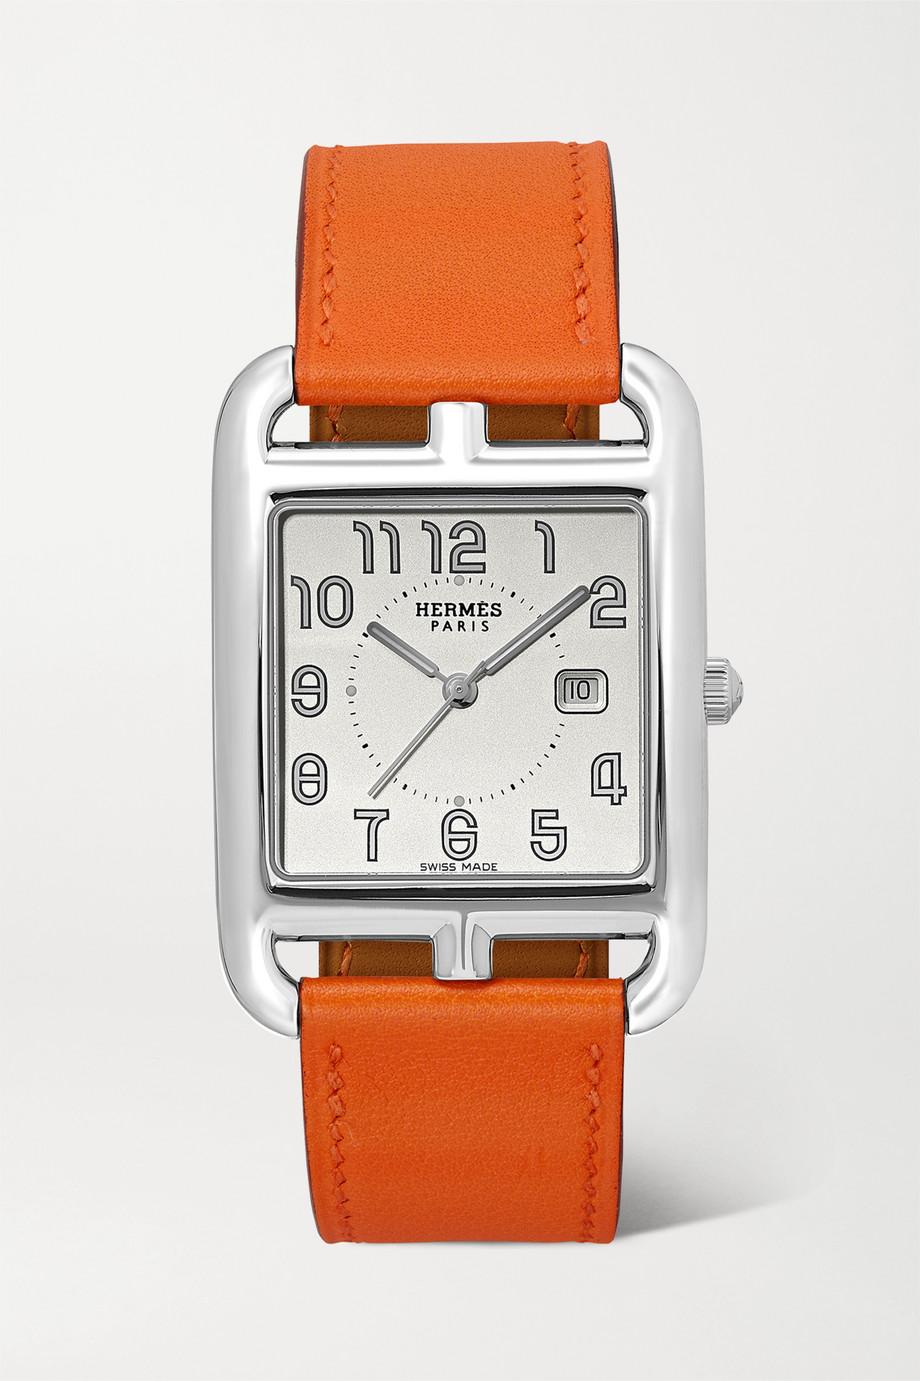 Hermès Timepieces Cape Cod 29 mm große Uhr aus Edelstahl mit Lederarmband